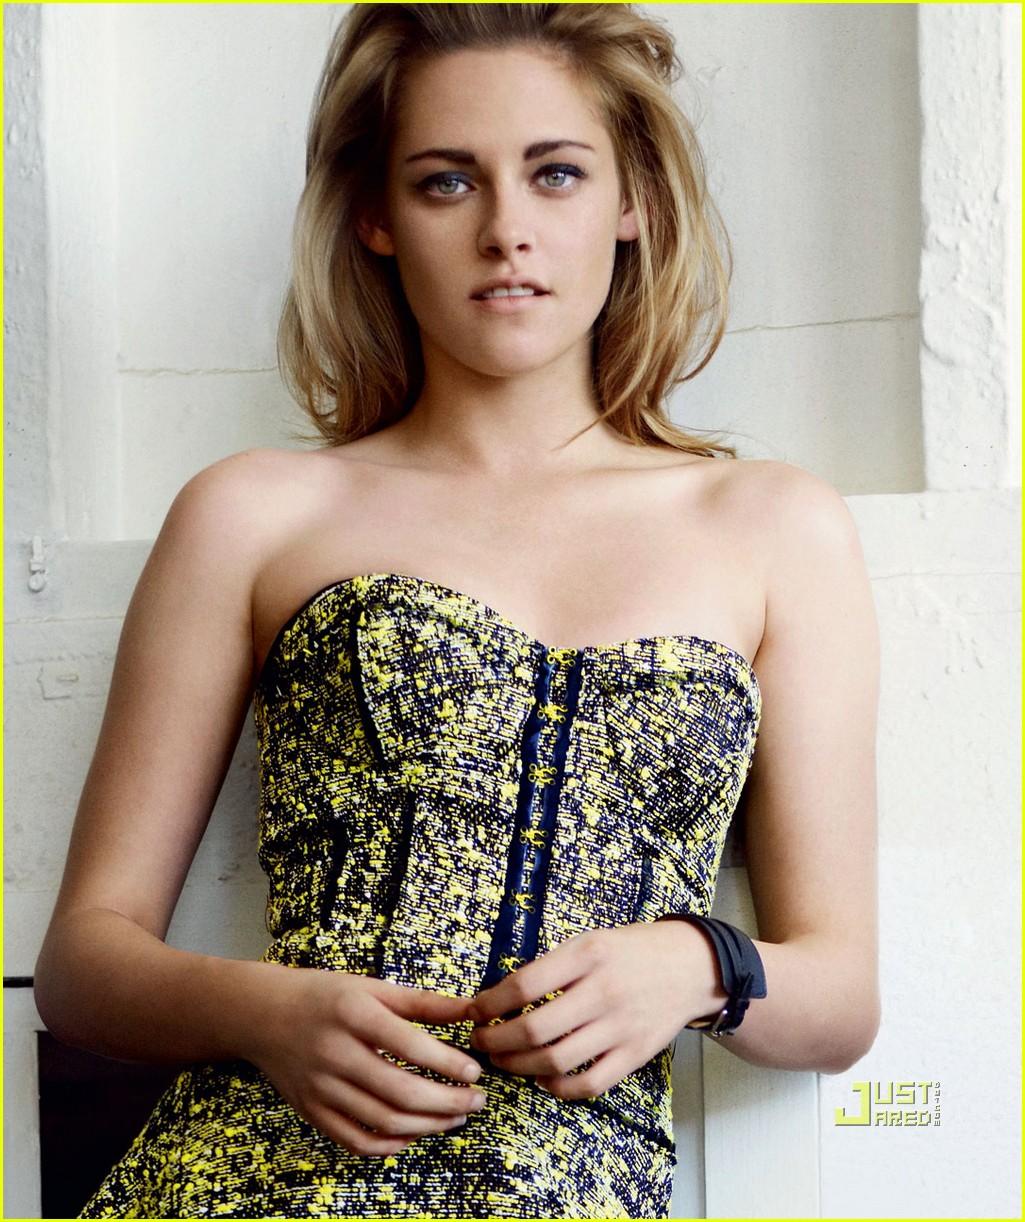 http://3.bp.blogspot.com/_iJRJofQ48WM/TTXLbK87AiI/AAAAAAAAATE/bIwy9lUu3VI/s1600/Vogue+Kristen+2.jpg